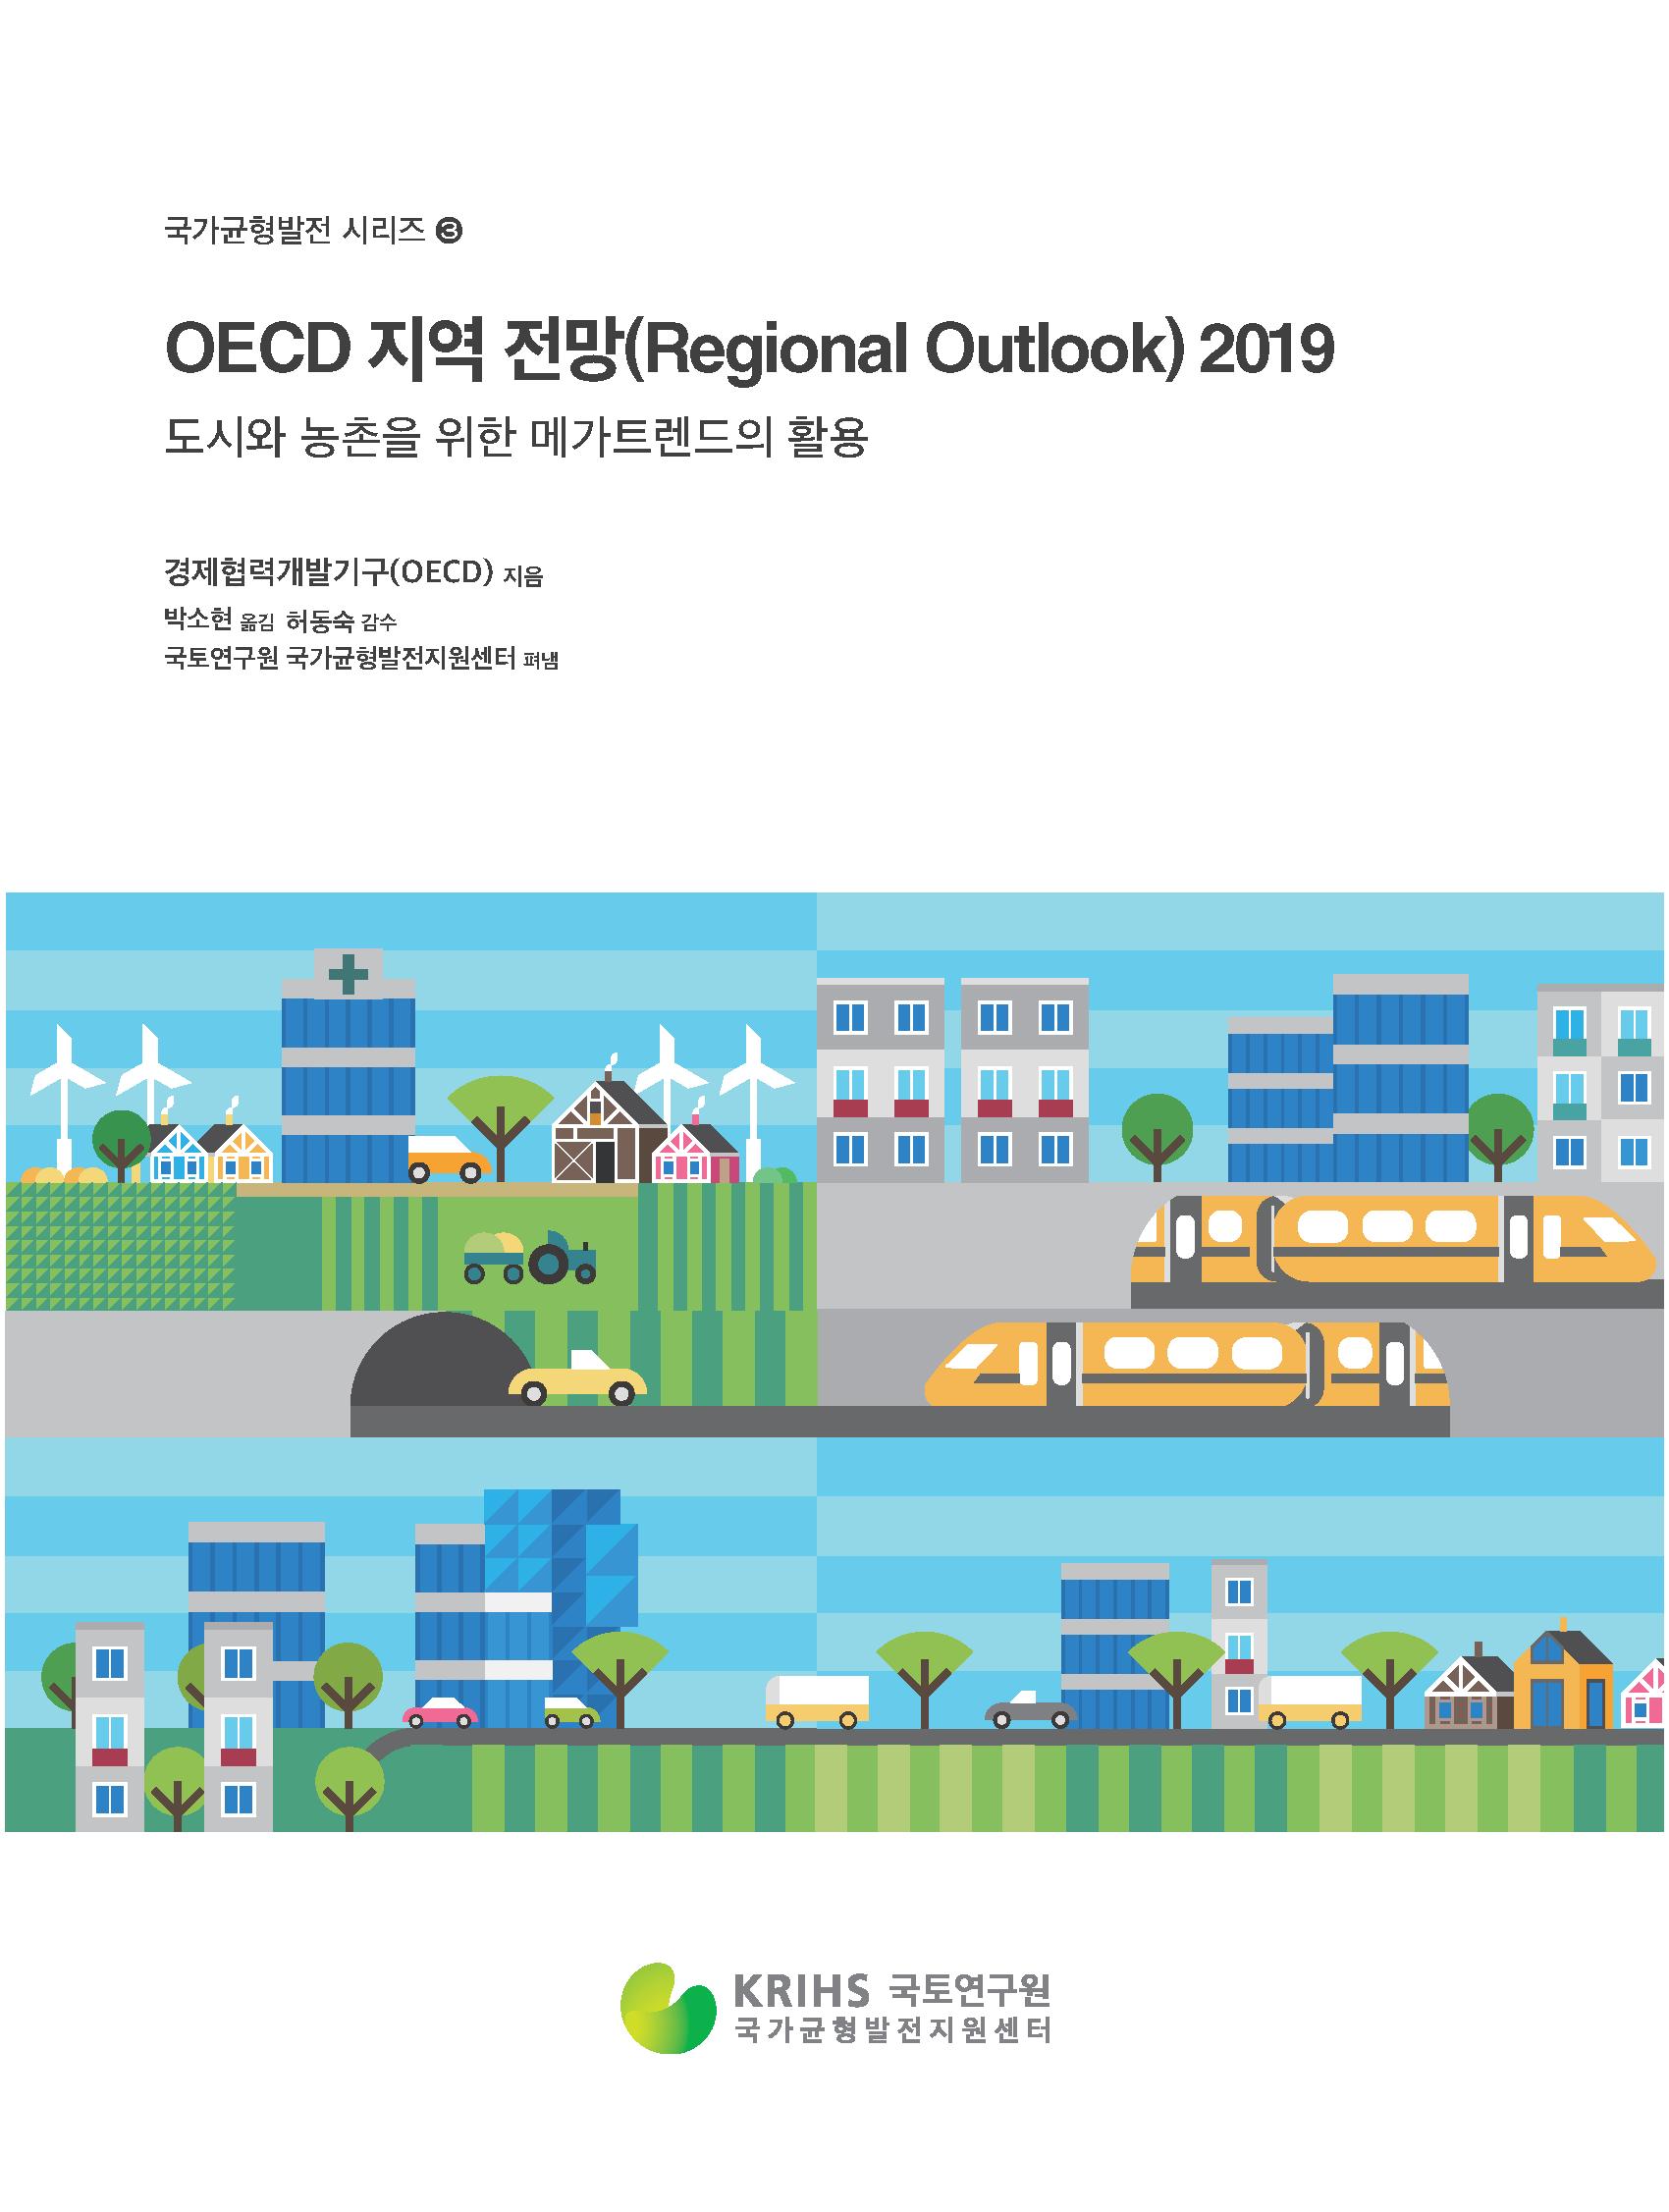 [국가균형발전 시리즈 3] OECD 지역 전망(Regional Outlook) 2019 - 도시와 농촌을 위한 메가트렌드의 활용표지